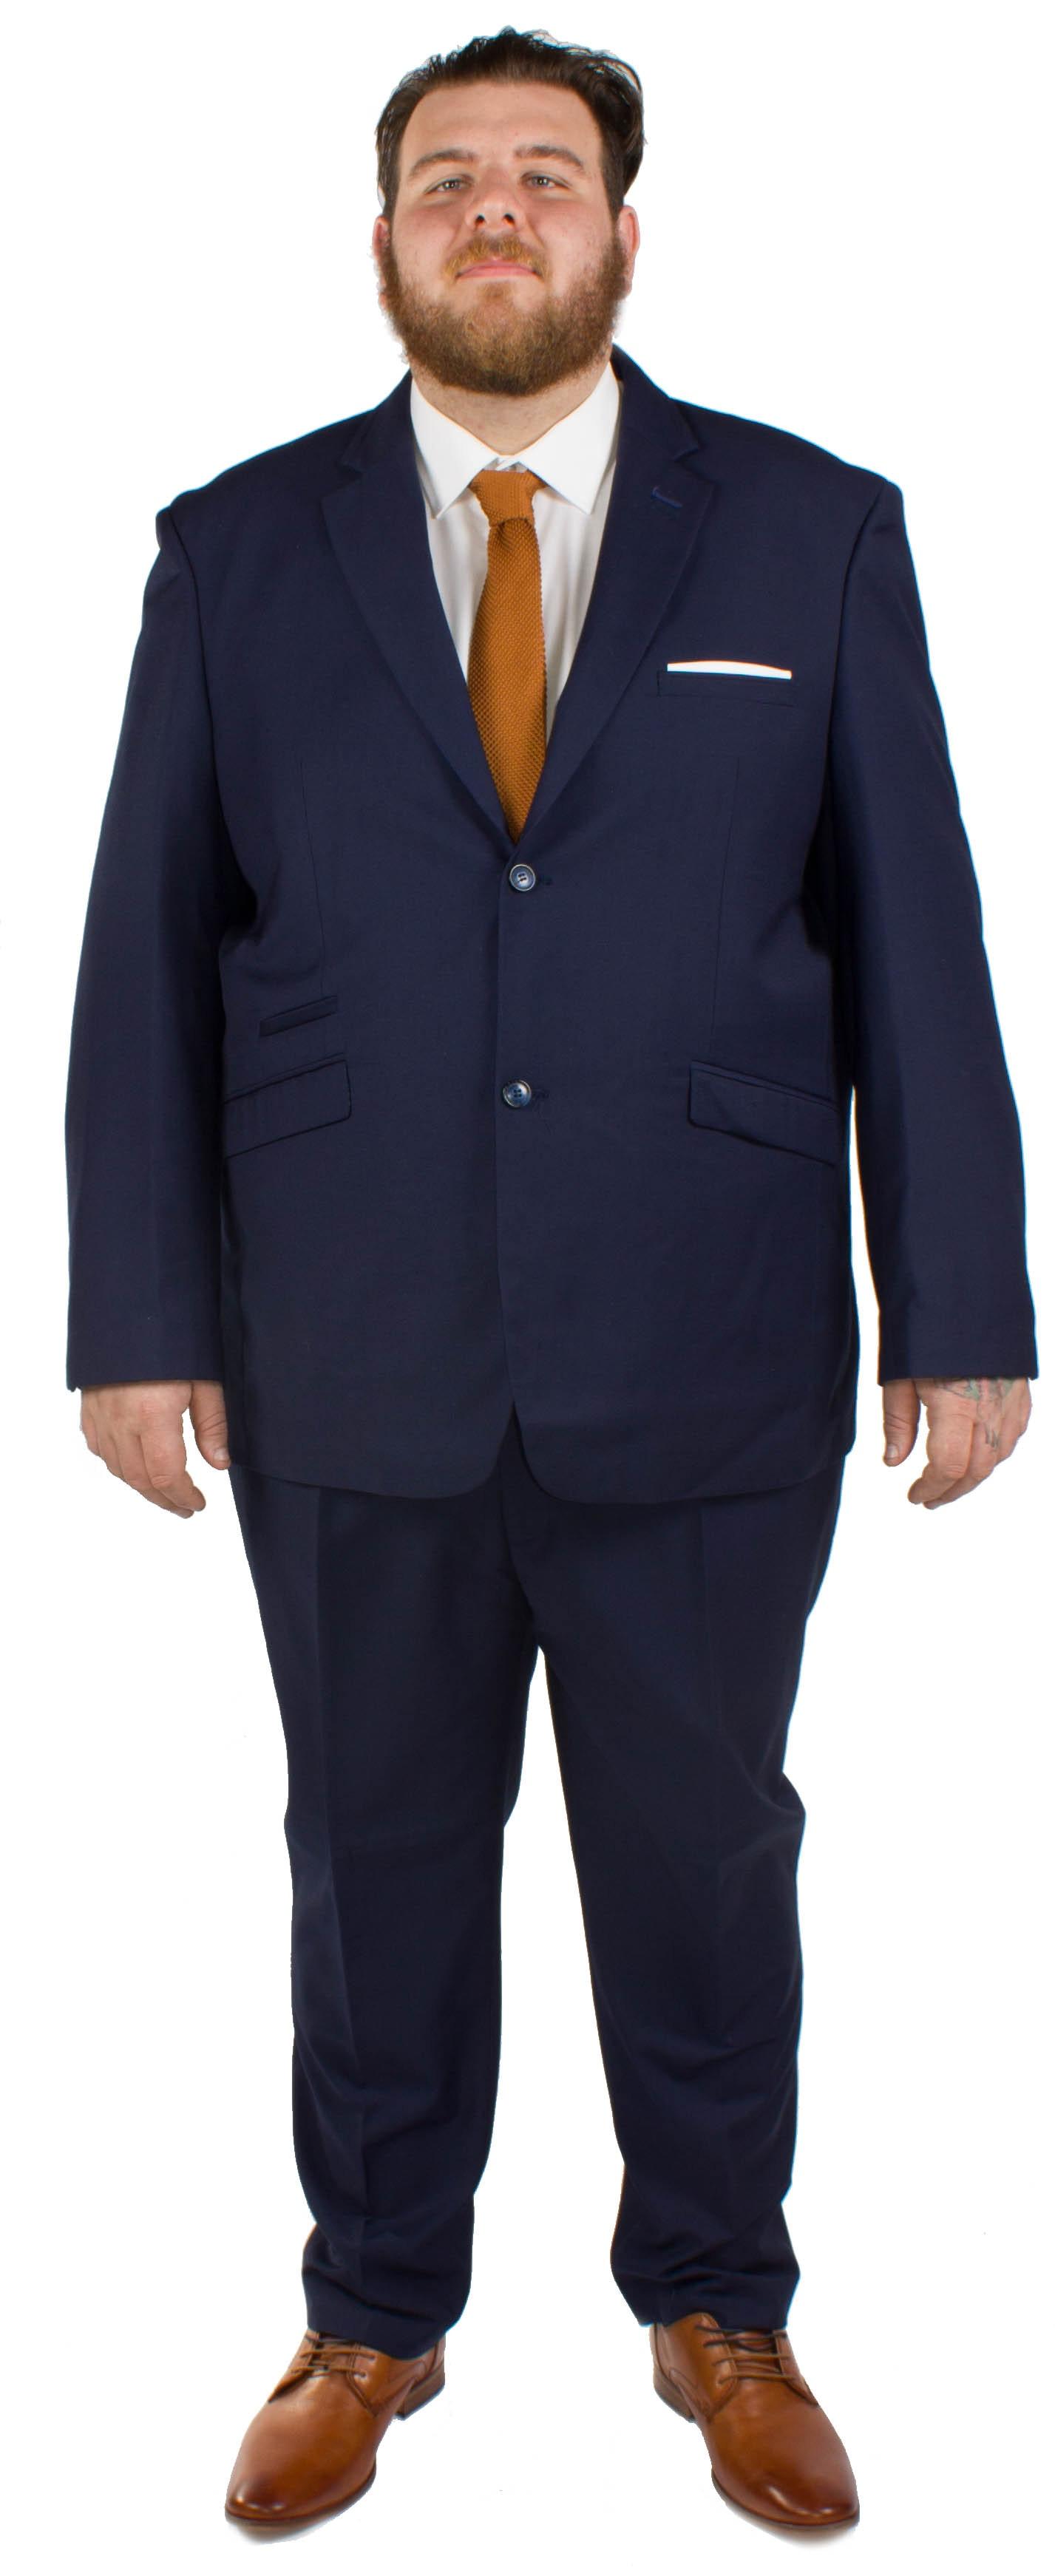 Kaymans Jefferson Suit Navy